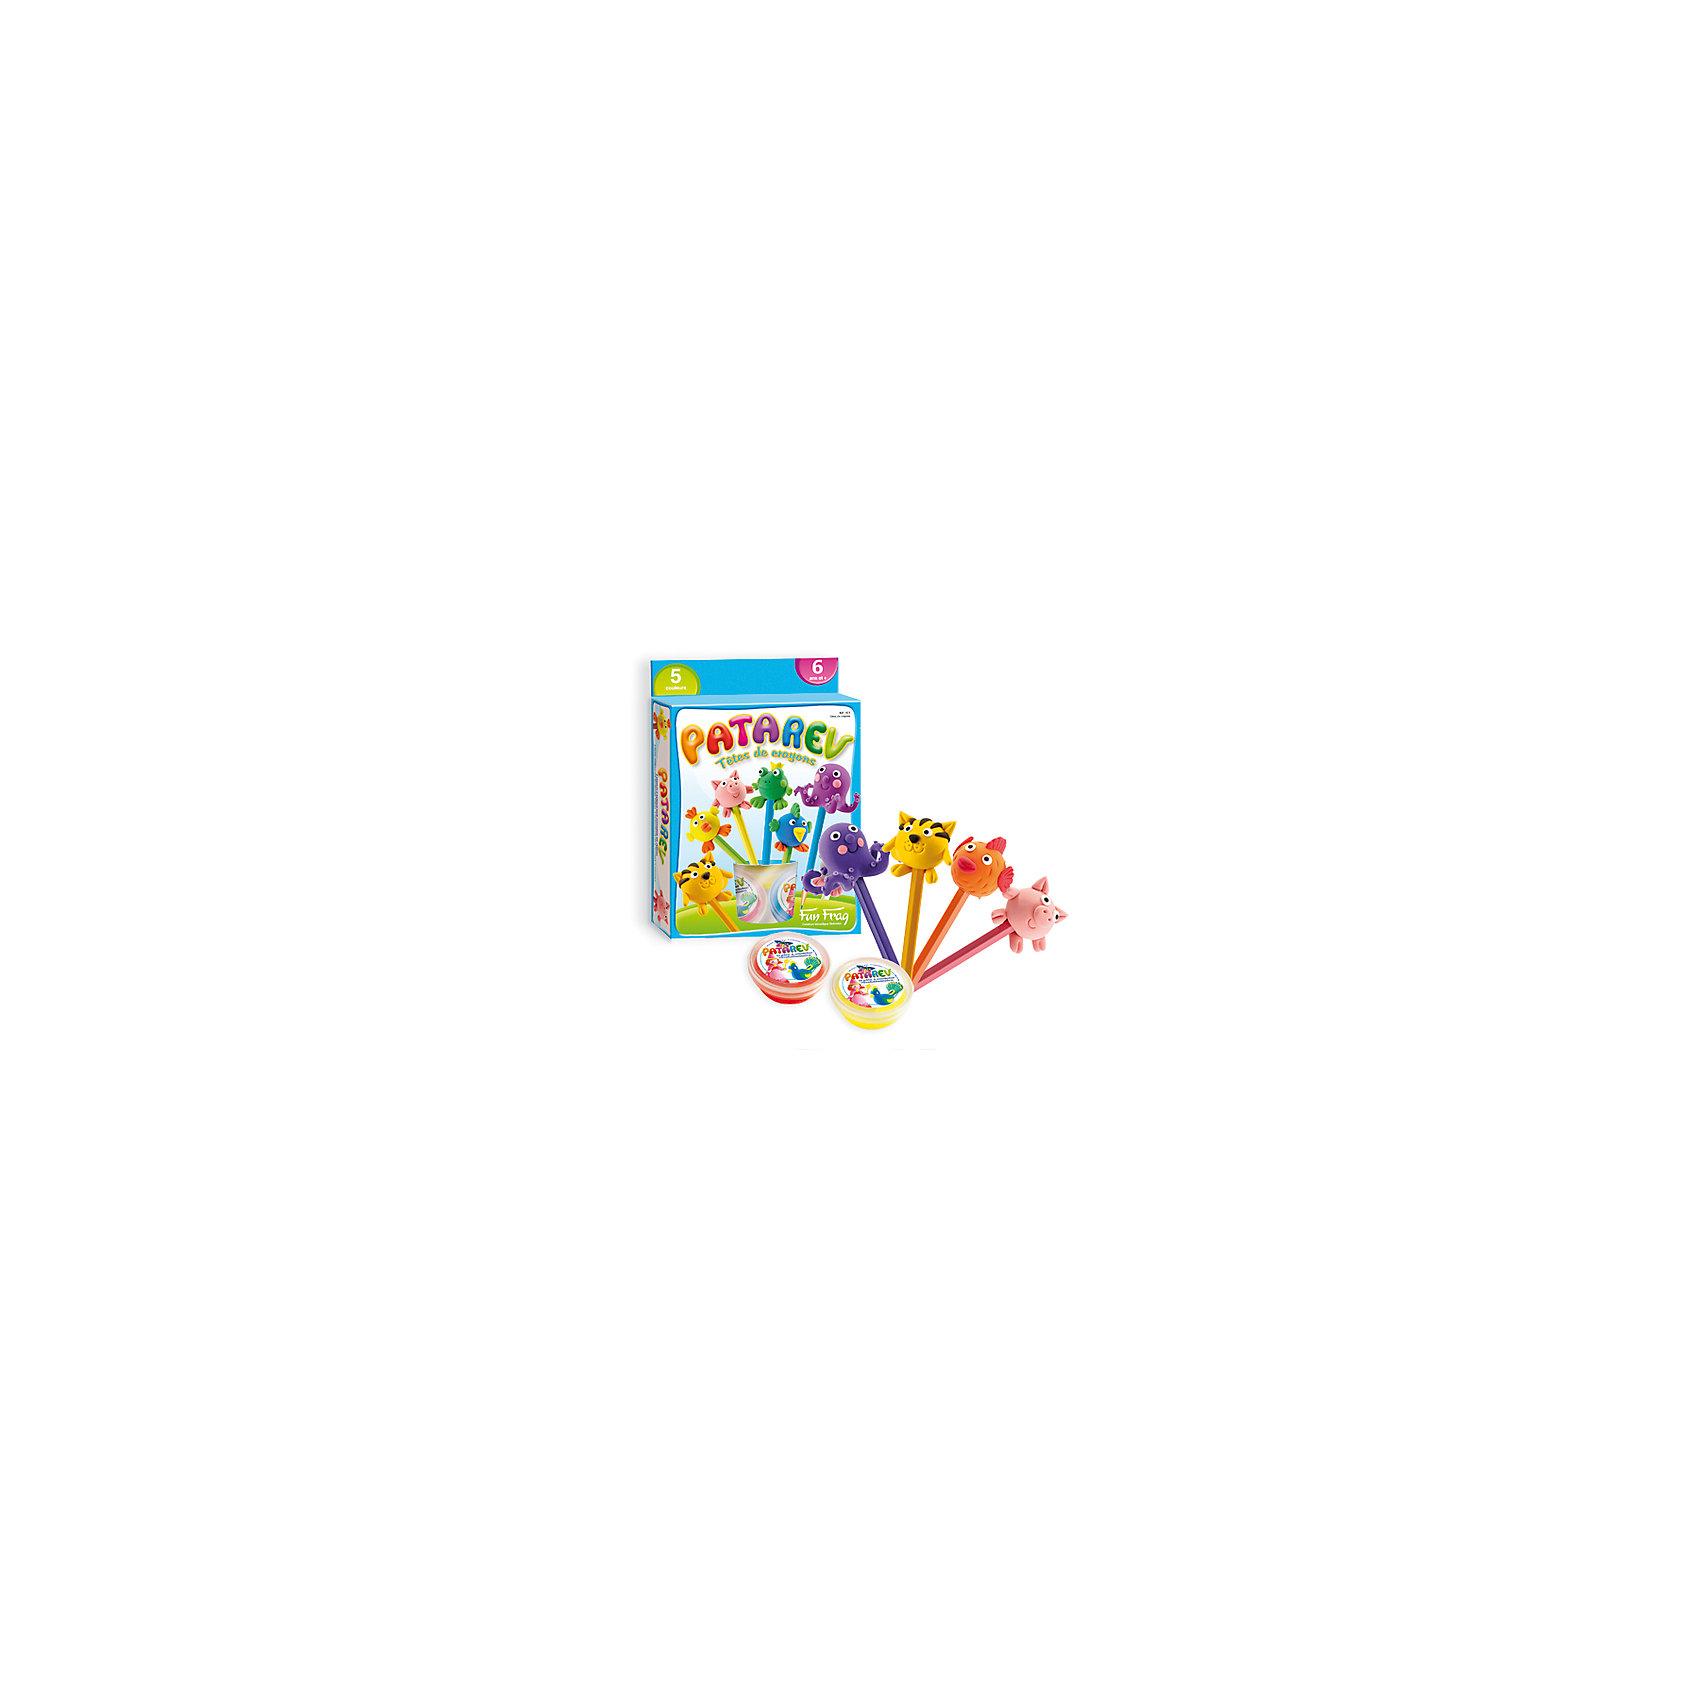 SentoSphere Набор пластилина для детской лепки, 5 цветов наборы для лепки sentosphere набор для творчества волшебный пластилин серия патарев